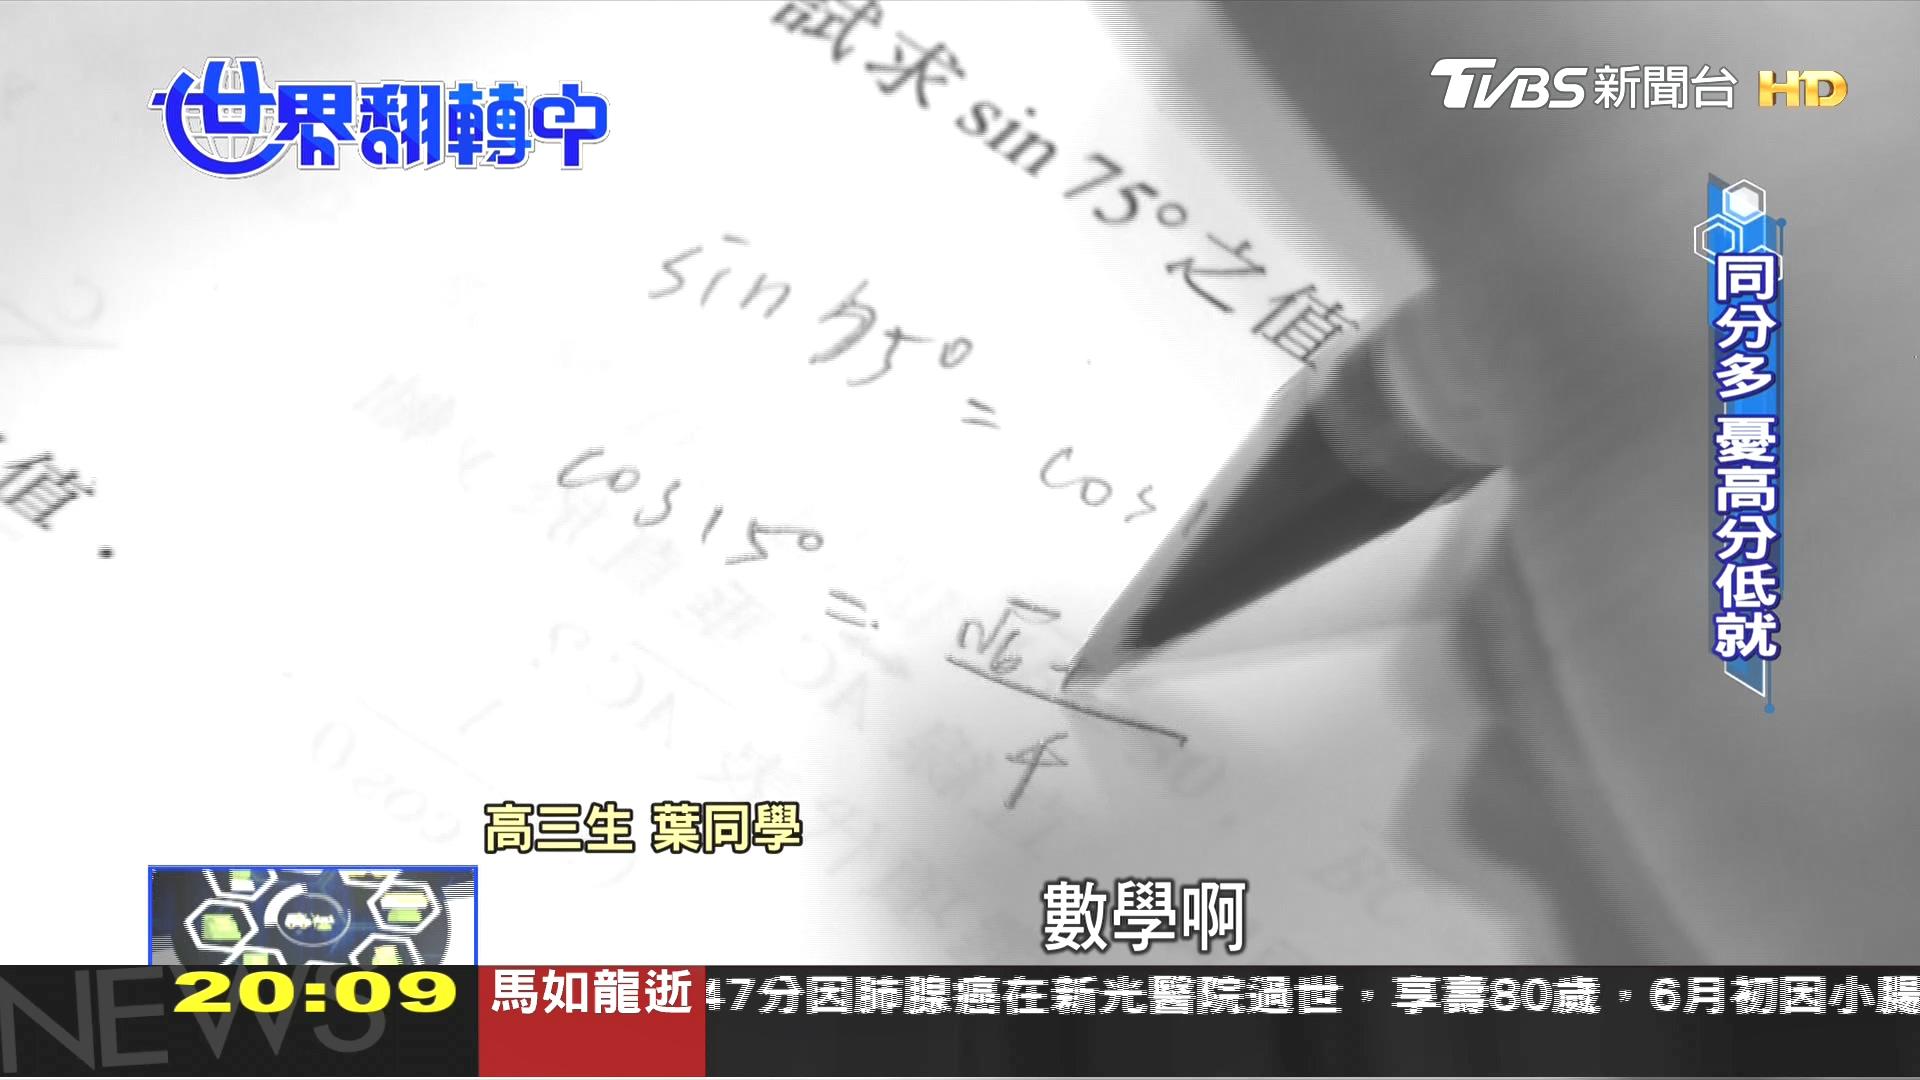 圖/TVBS 學測初衷為何? 108年制度惹爭議